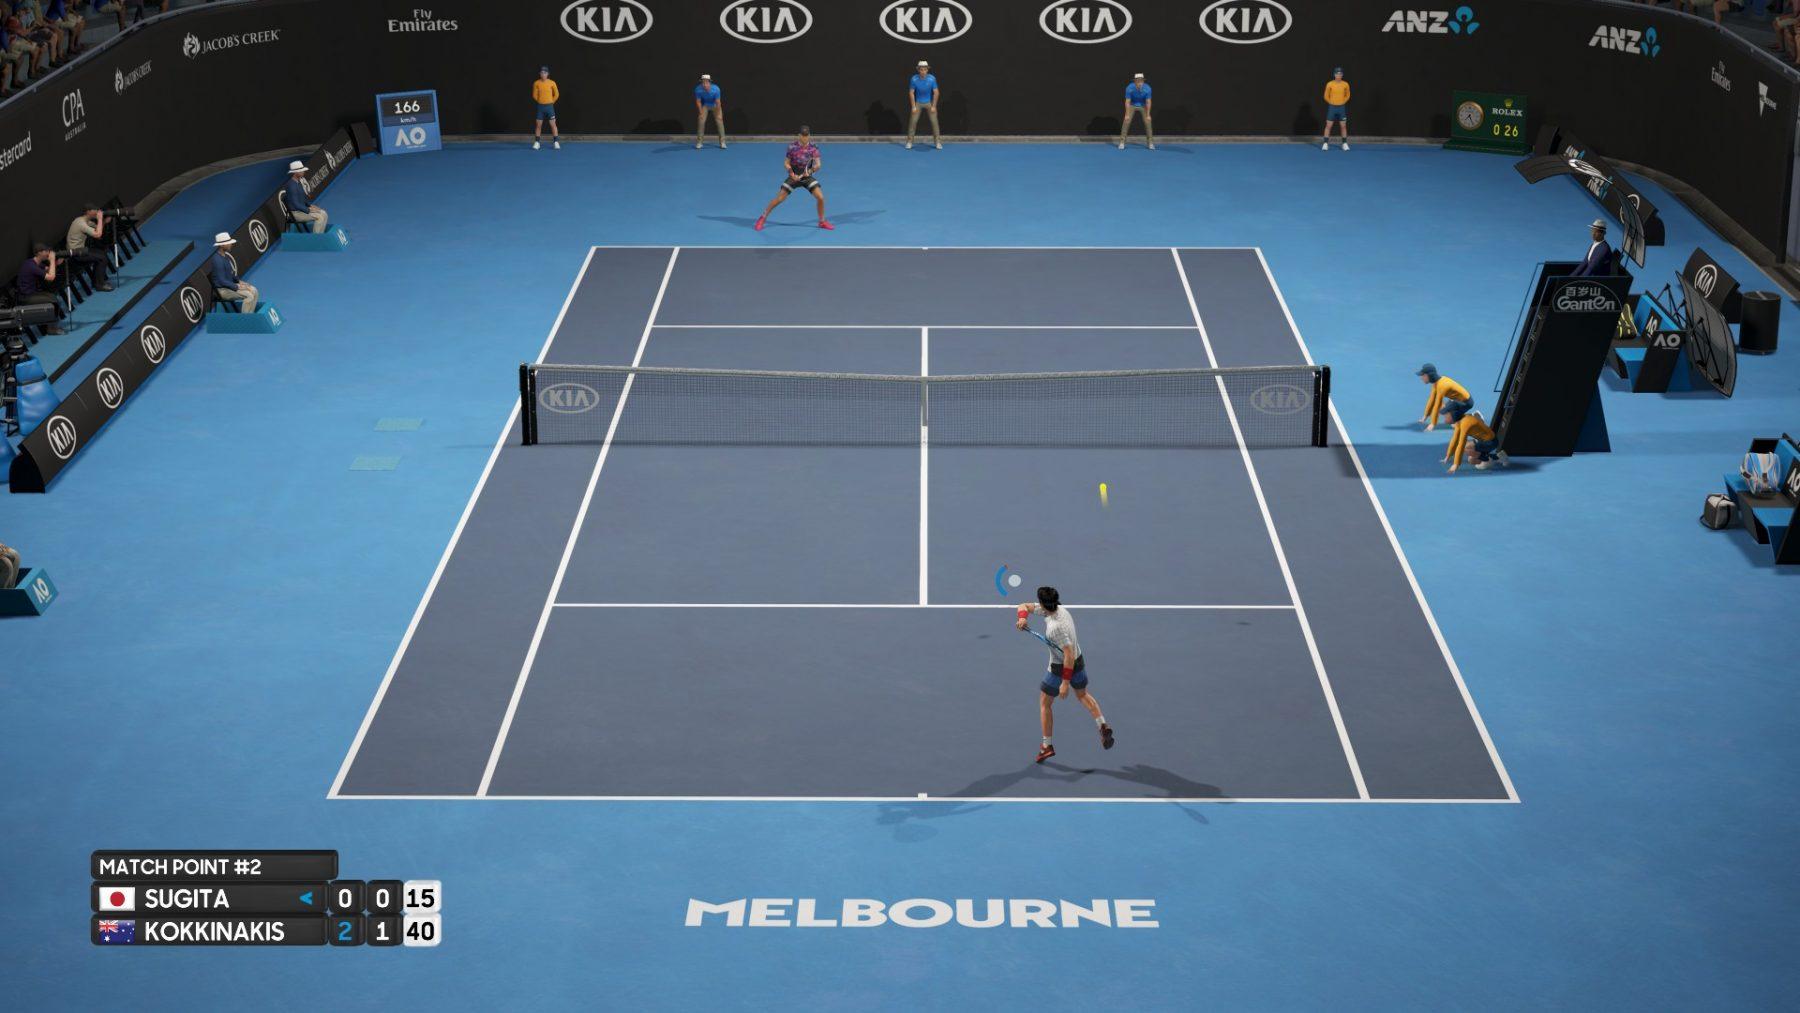 دانلود بازی AO International Tennis برای کامپیوتر + ریپک FitGirl